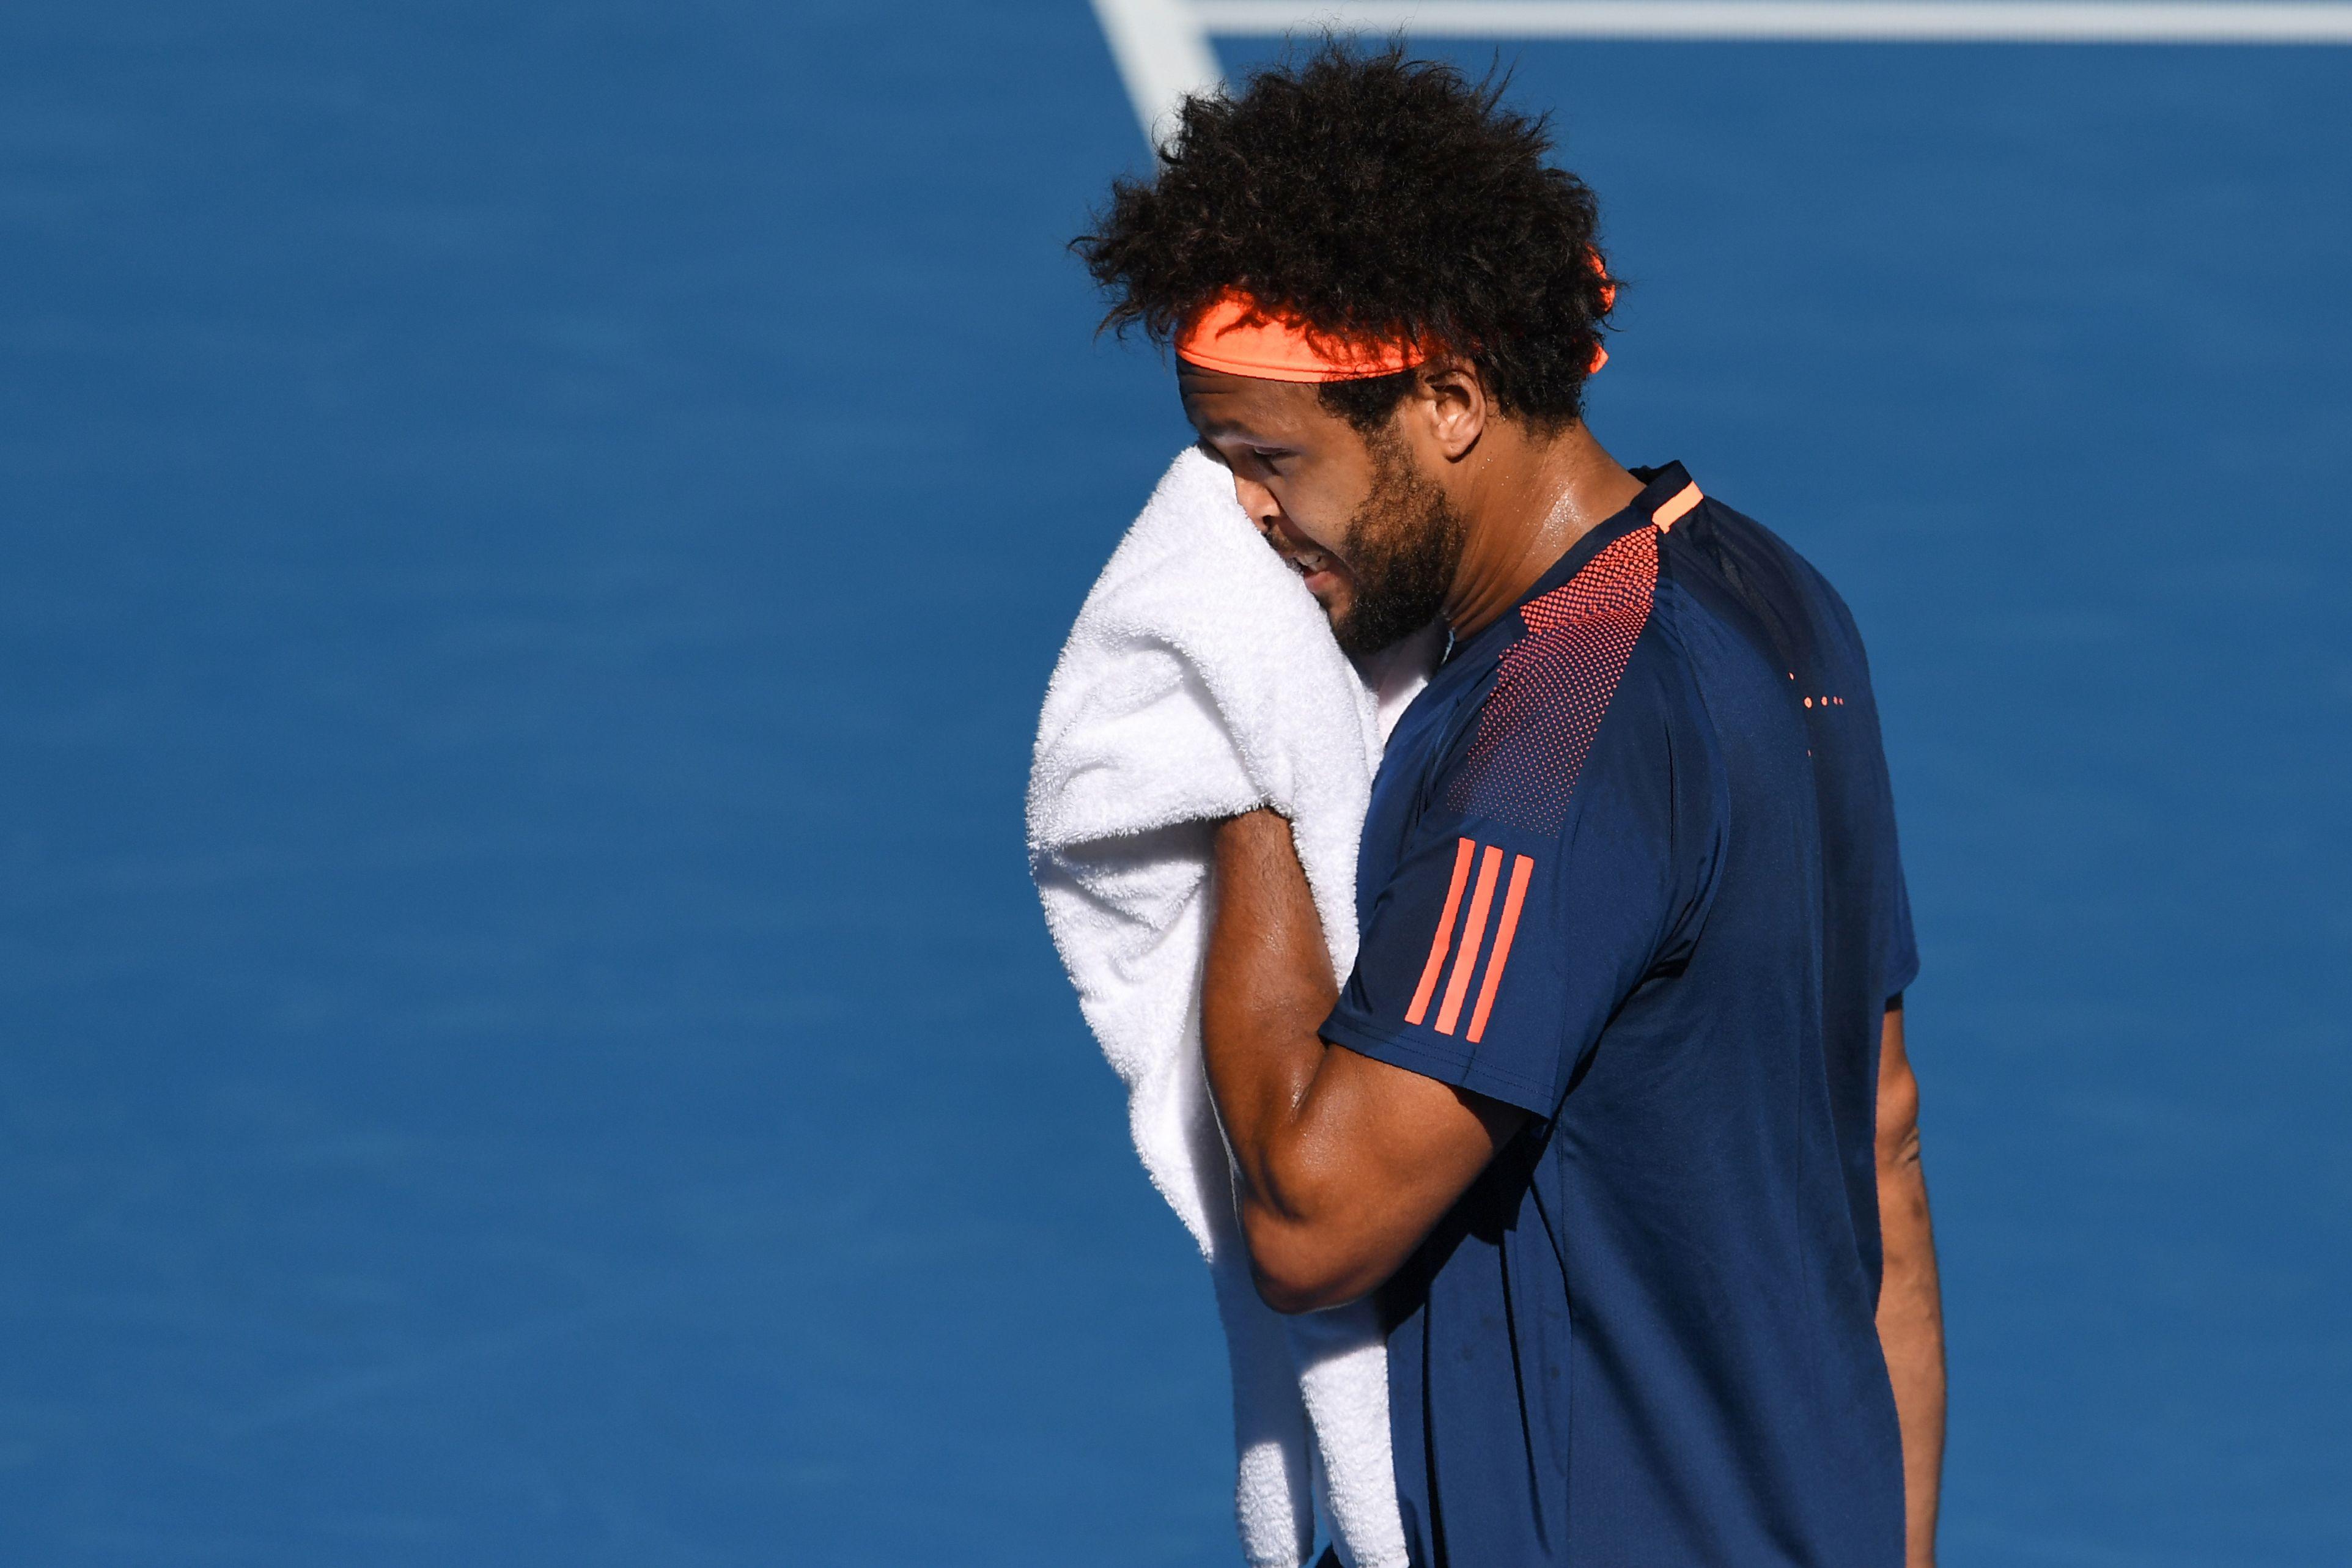 Tennis - Open Australie - Le tennis français privé de lumière à Melbourne